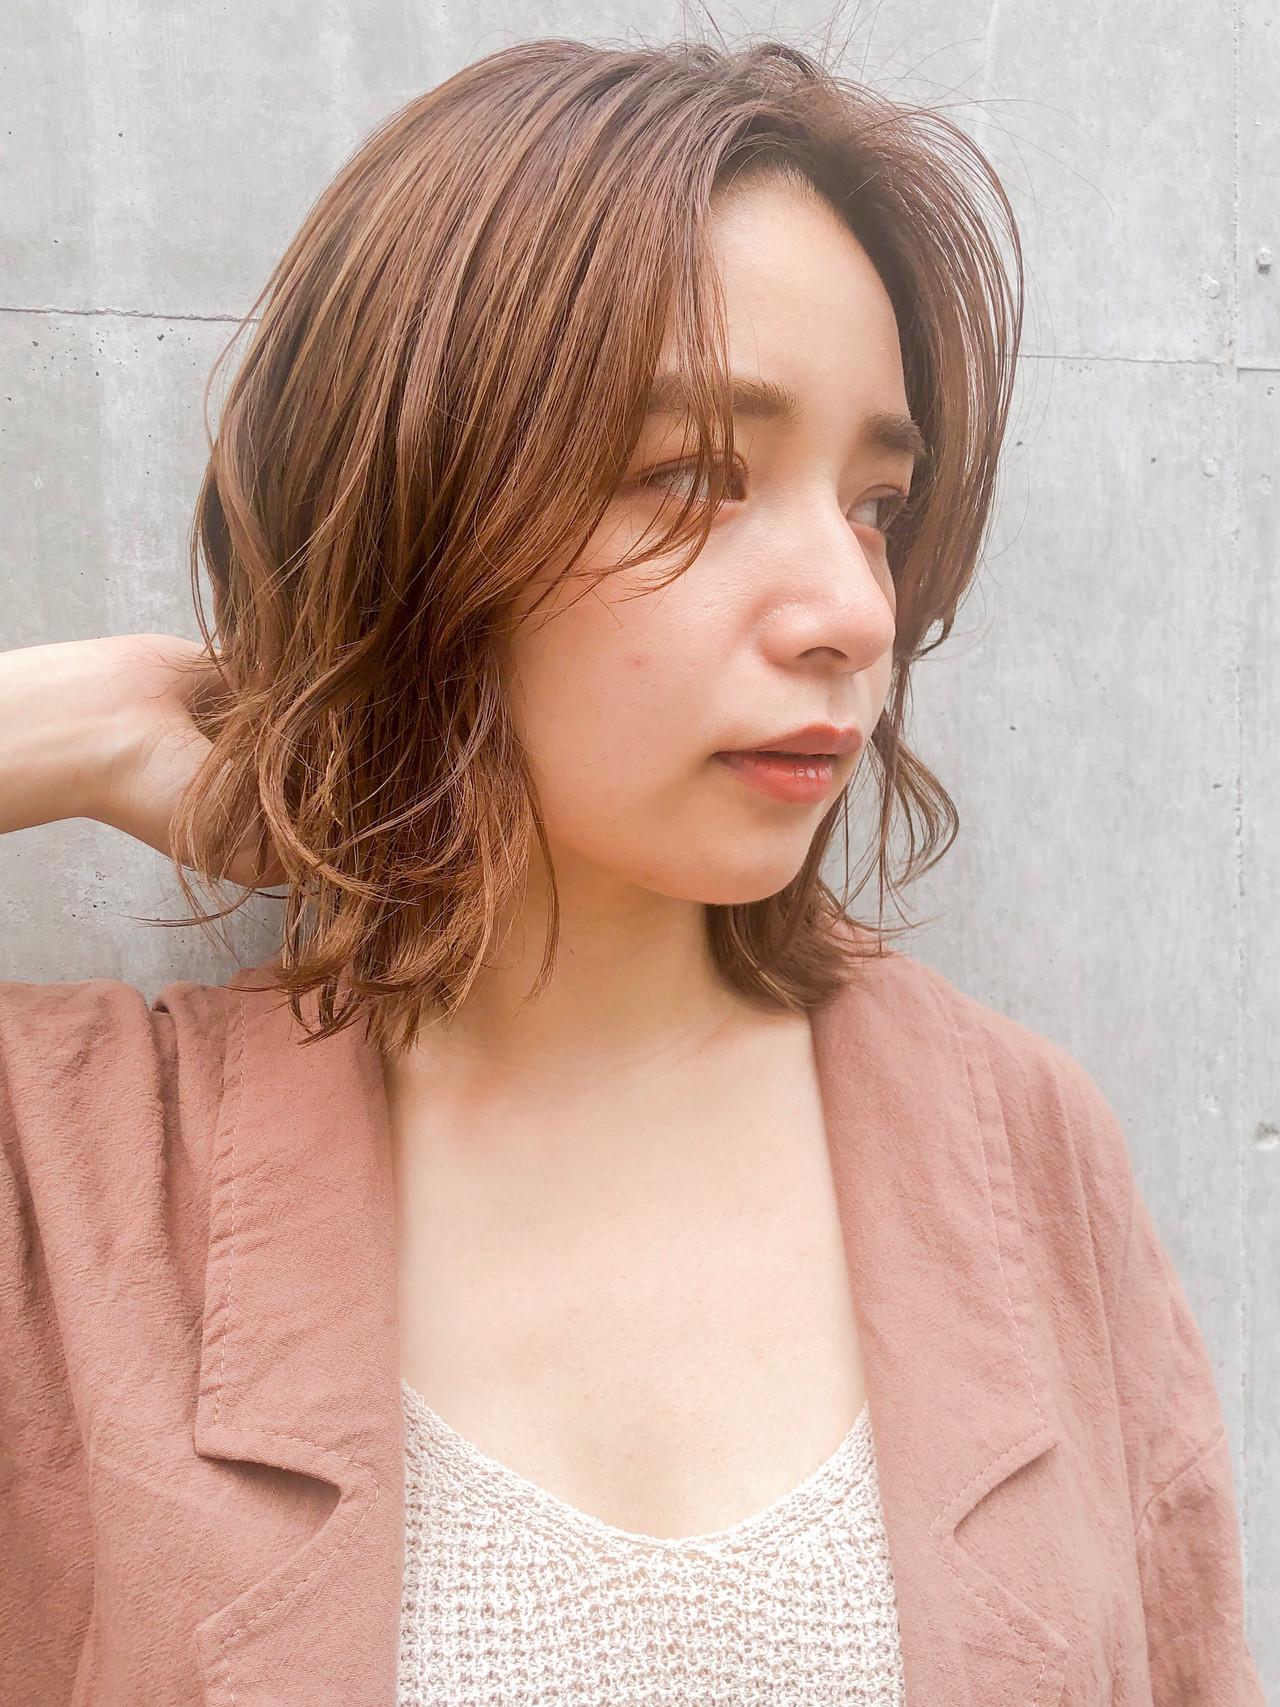 レイヤーカット デジタルパーマ ゆるふわパーマ ウルフカット ヘアスタイルや髪型の写真・画像